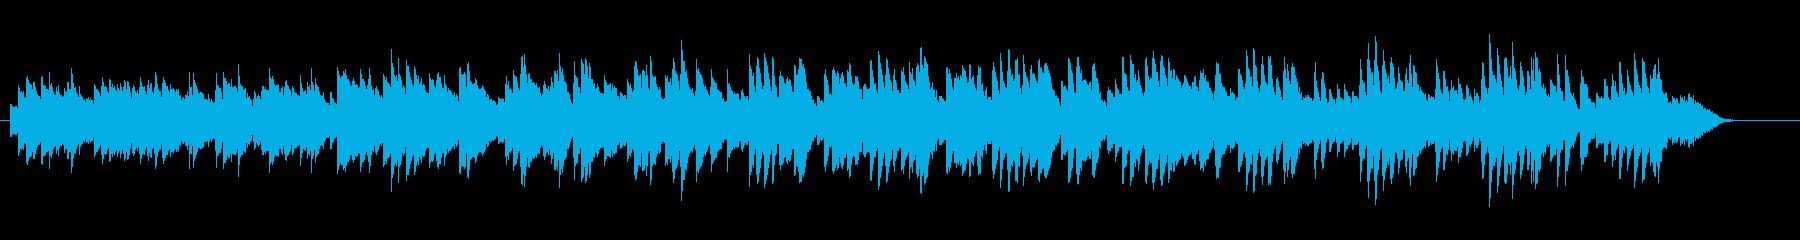 素朴で懐かしい雰囲気のピアノ曲の再生済みの波形